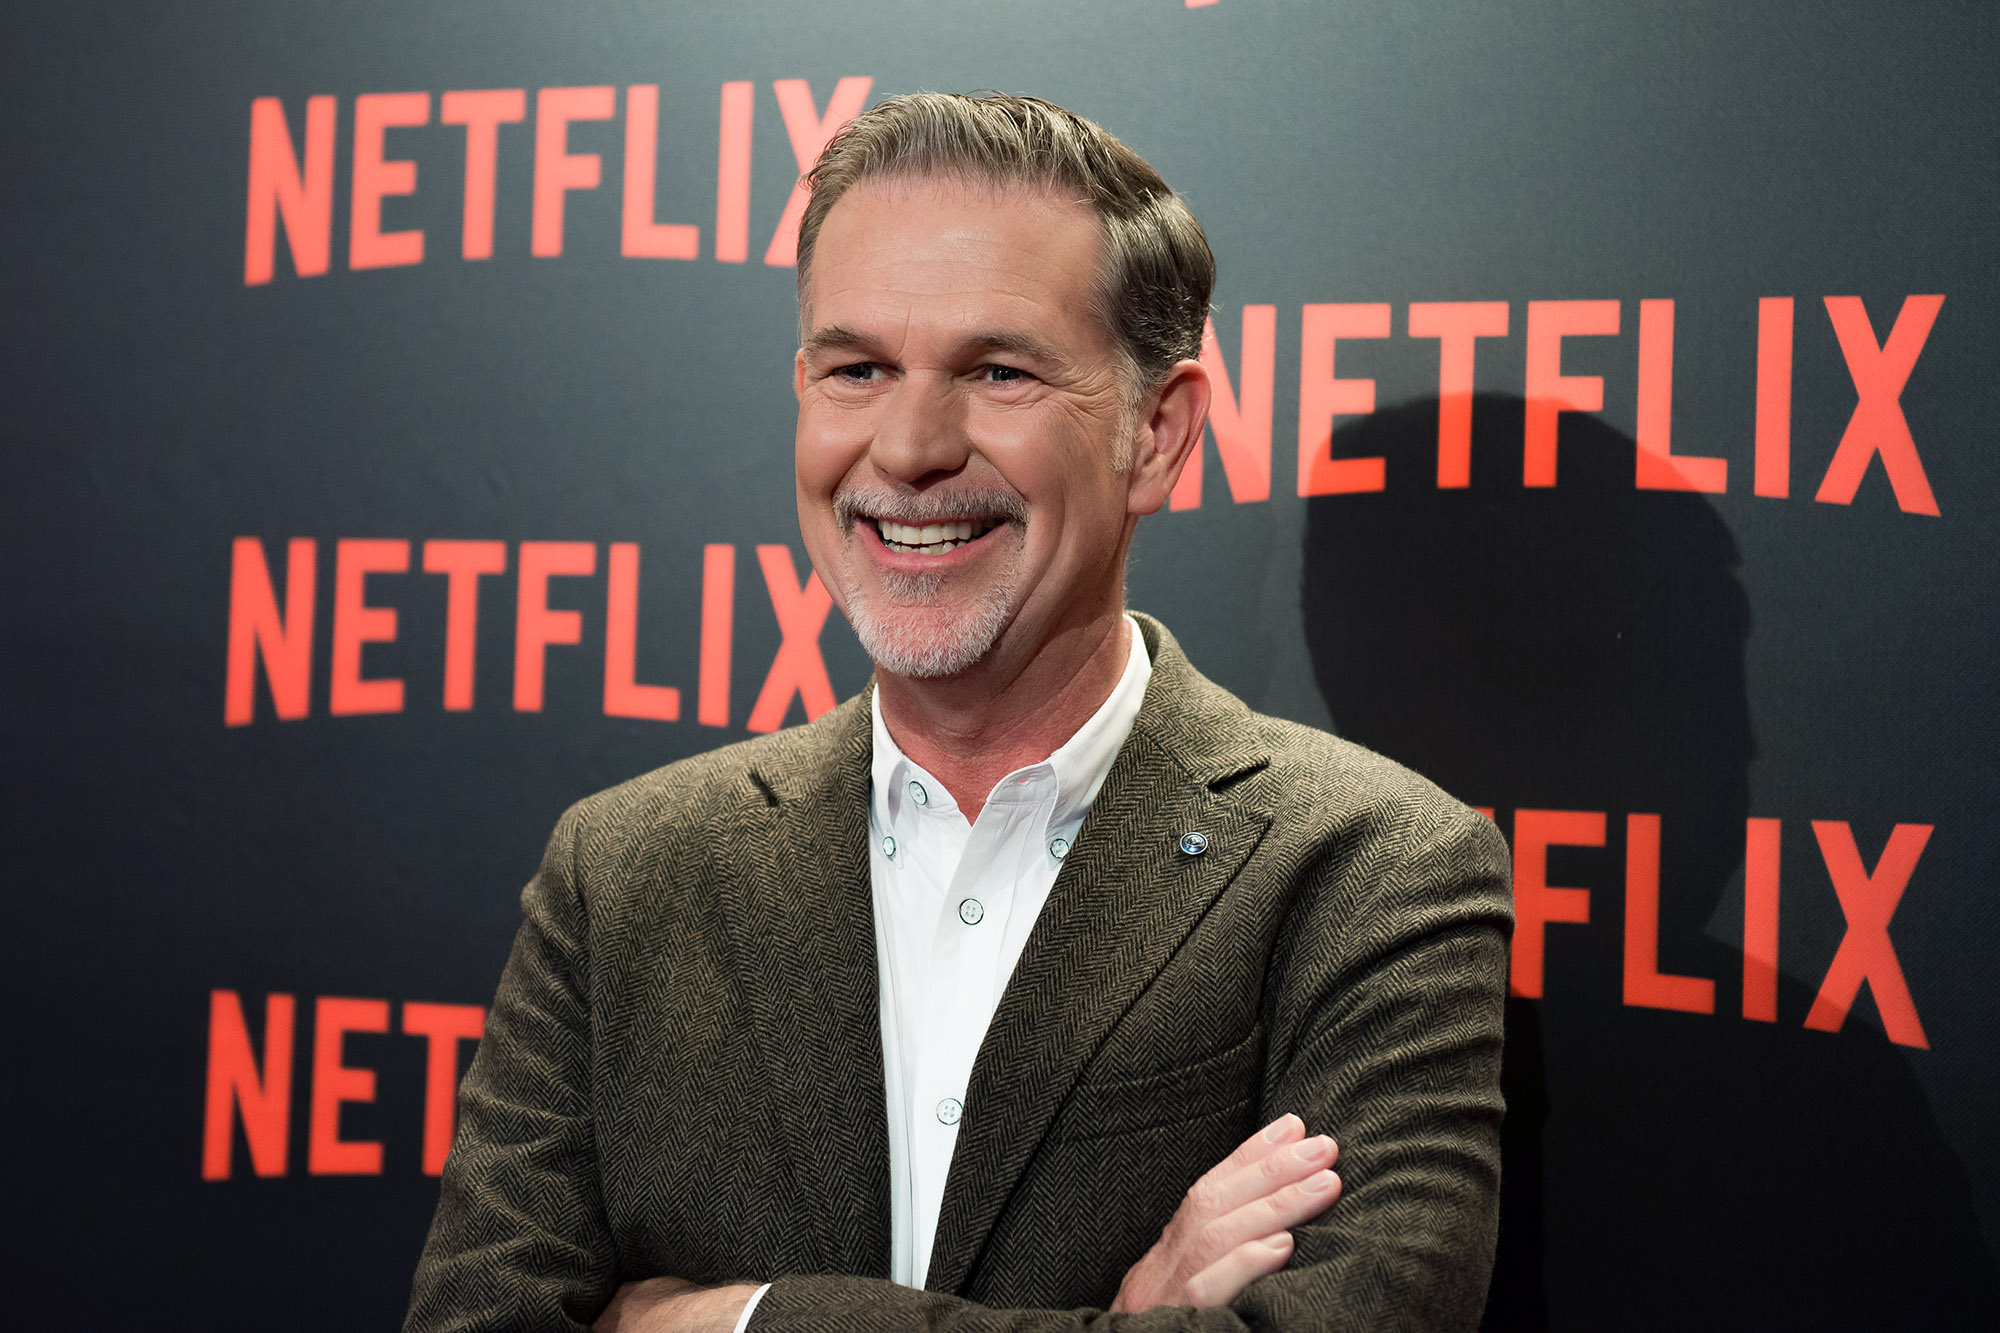 Nominacje do Złotych Globów. Netflix wyrósł na głównego gracza na rynku filmowym